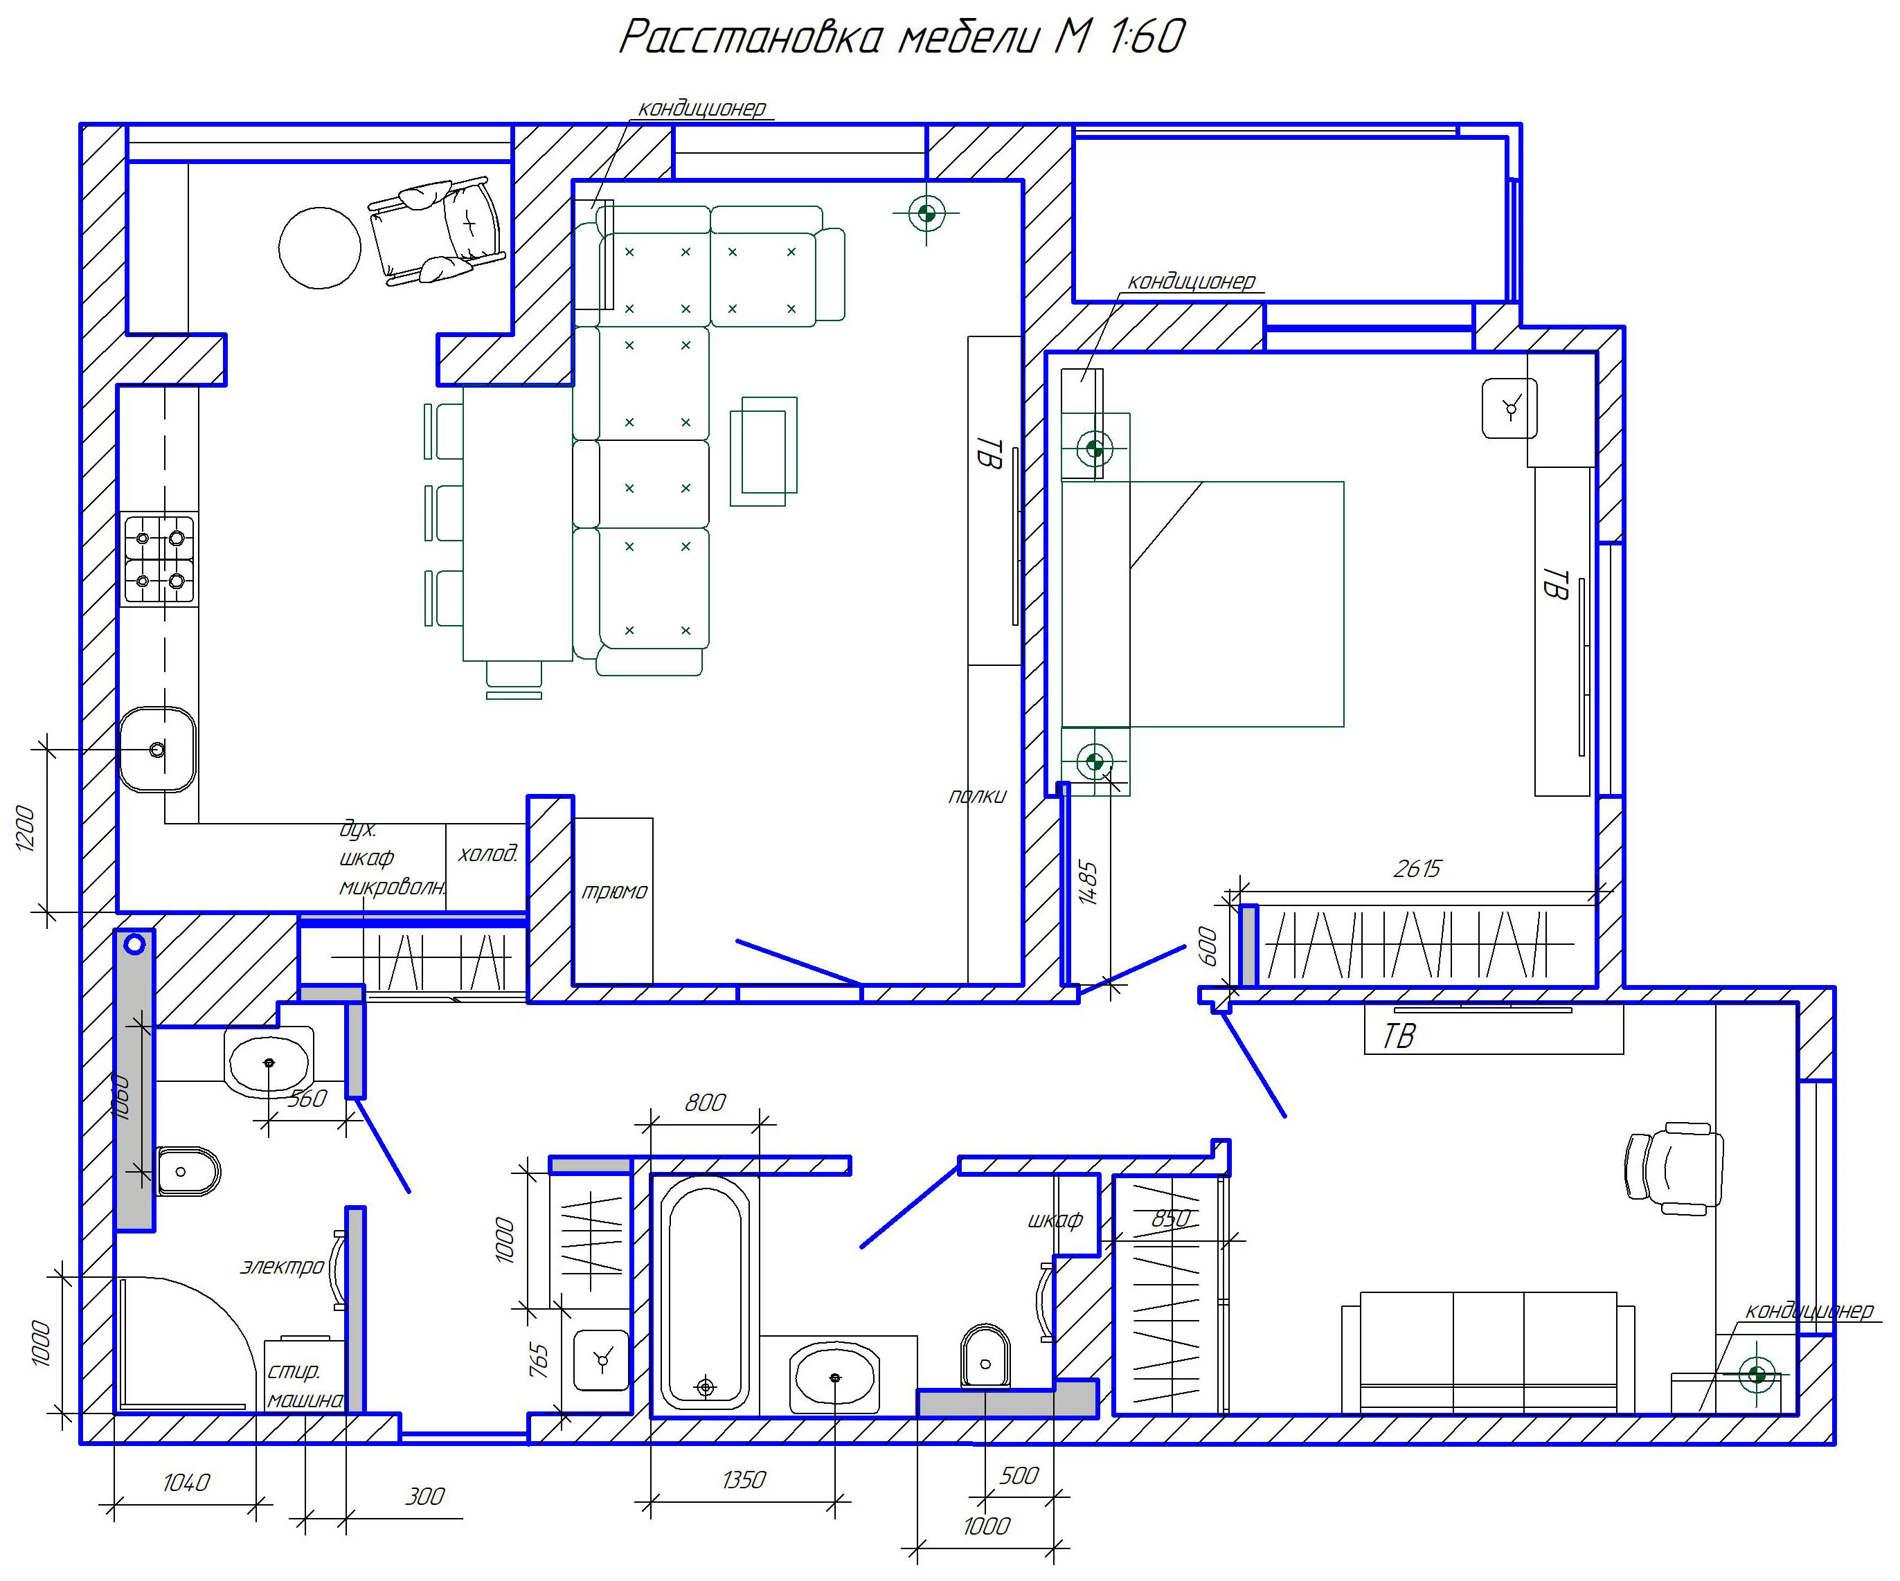 дизайн интерьера Квартиры Киев ЖК Малахит план квартиры, план мебели, перепланировка, чертежи